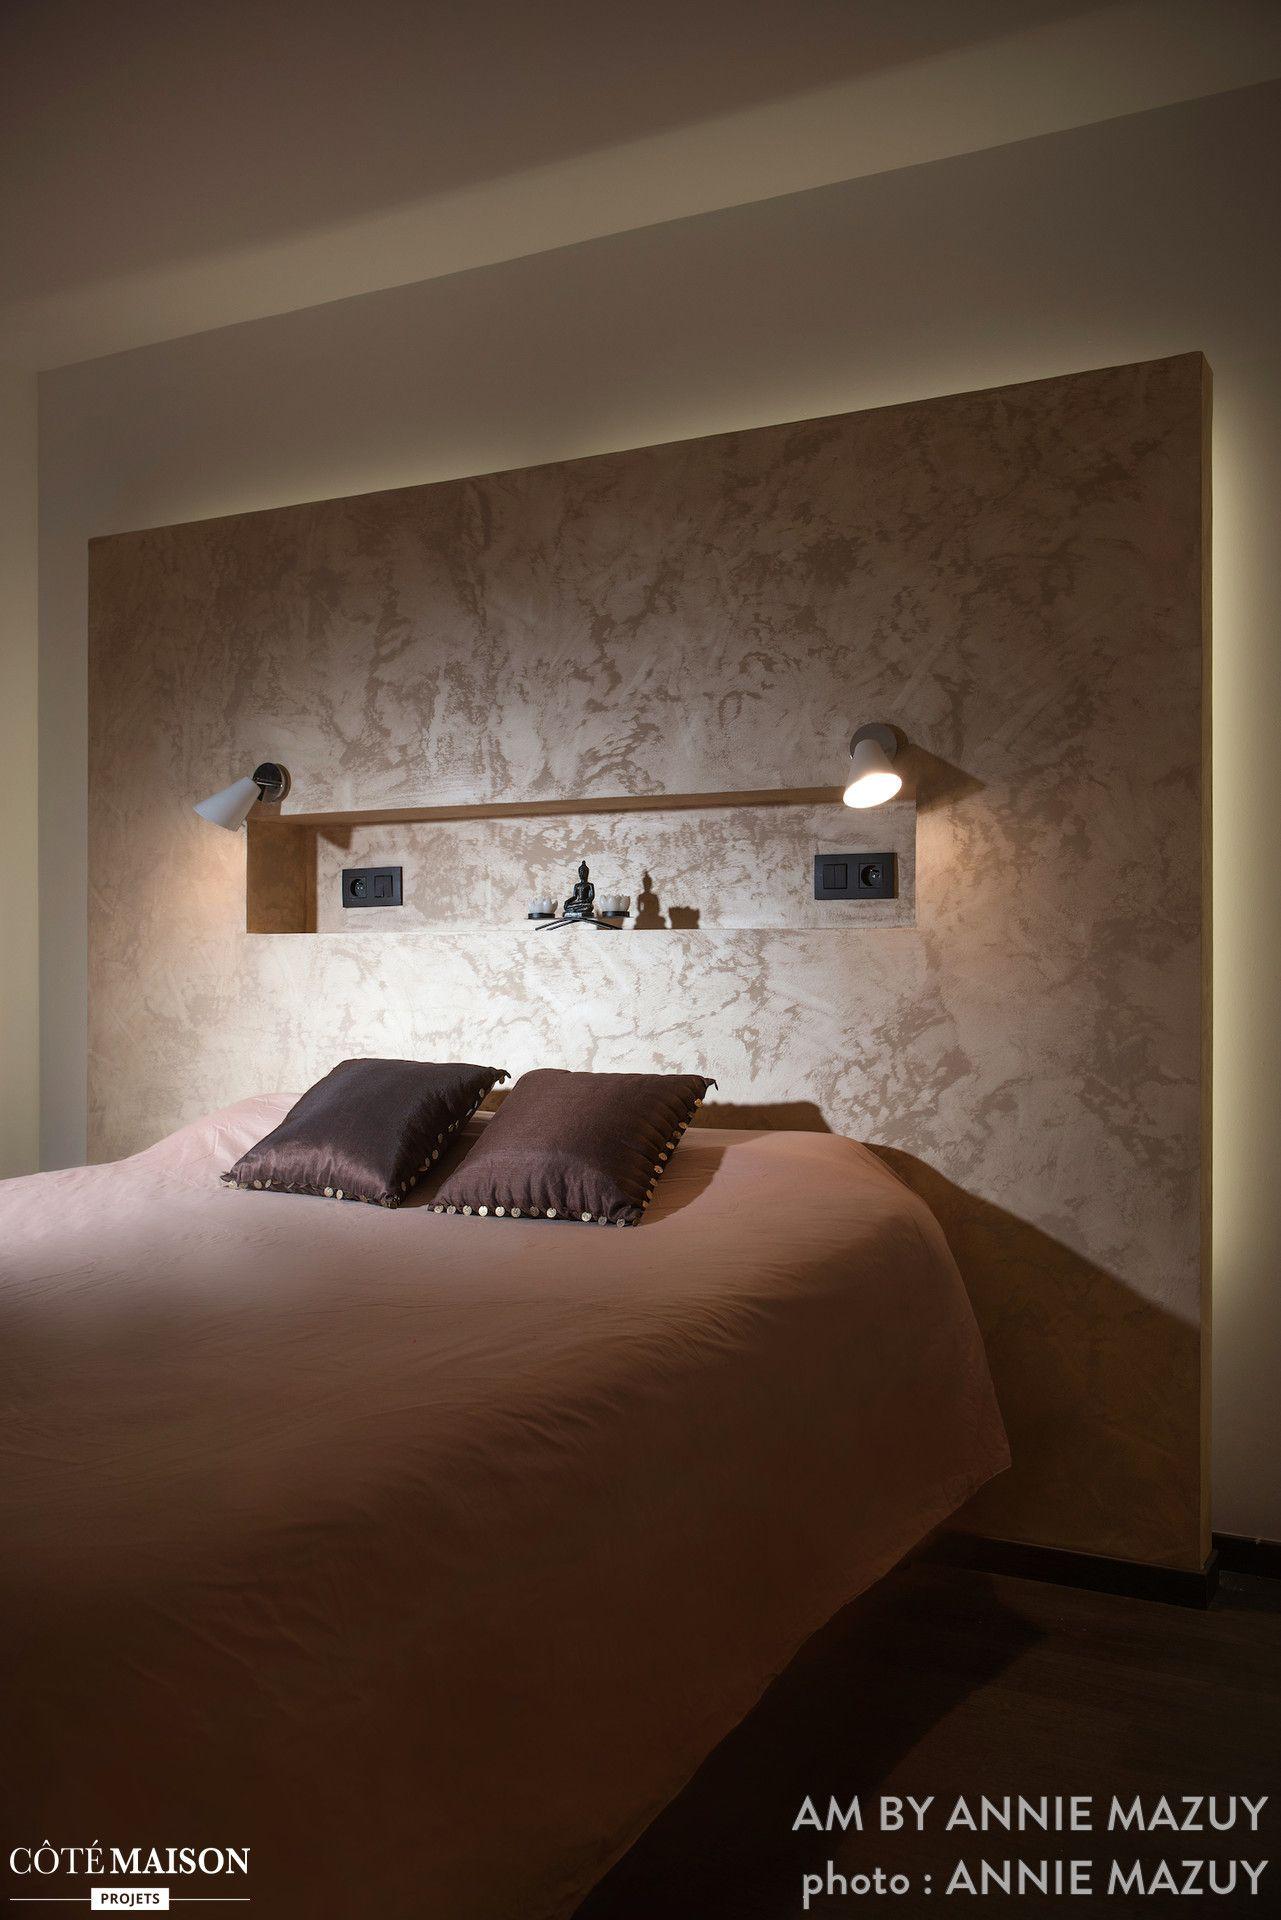 Renover Une Chambre Adulte une chambre avec une ambiance saharienne, ou le sable de la